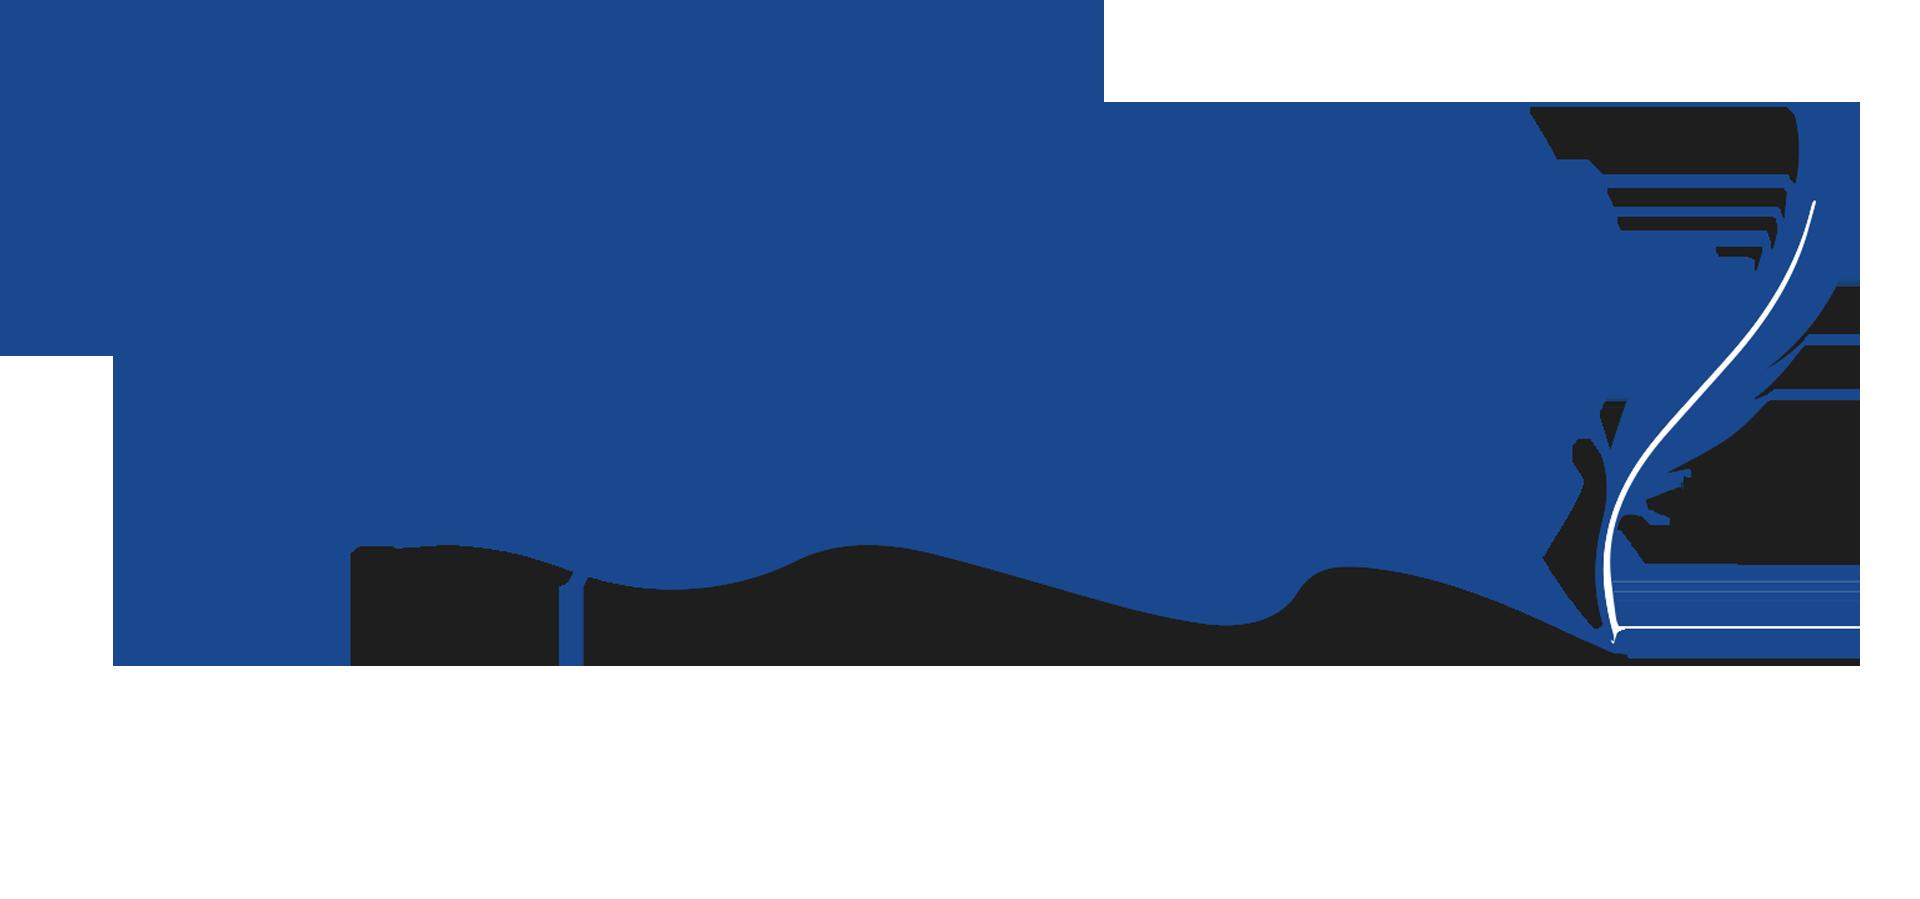 Beautiful and bold